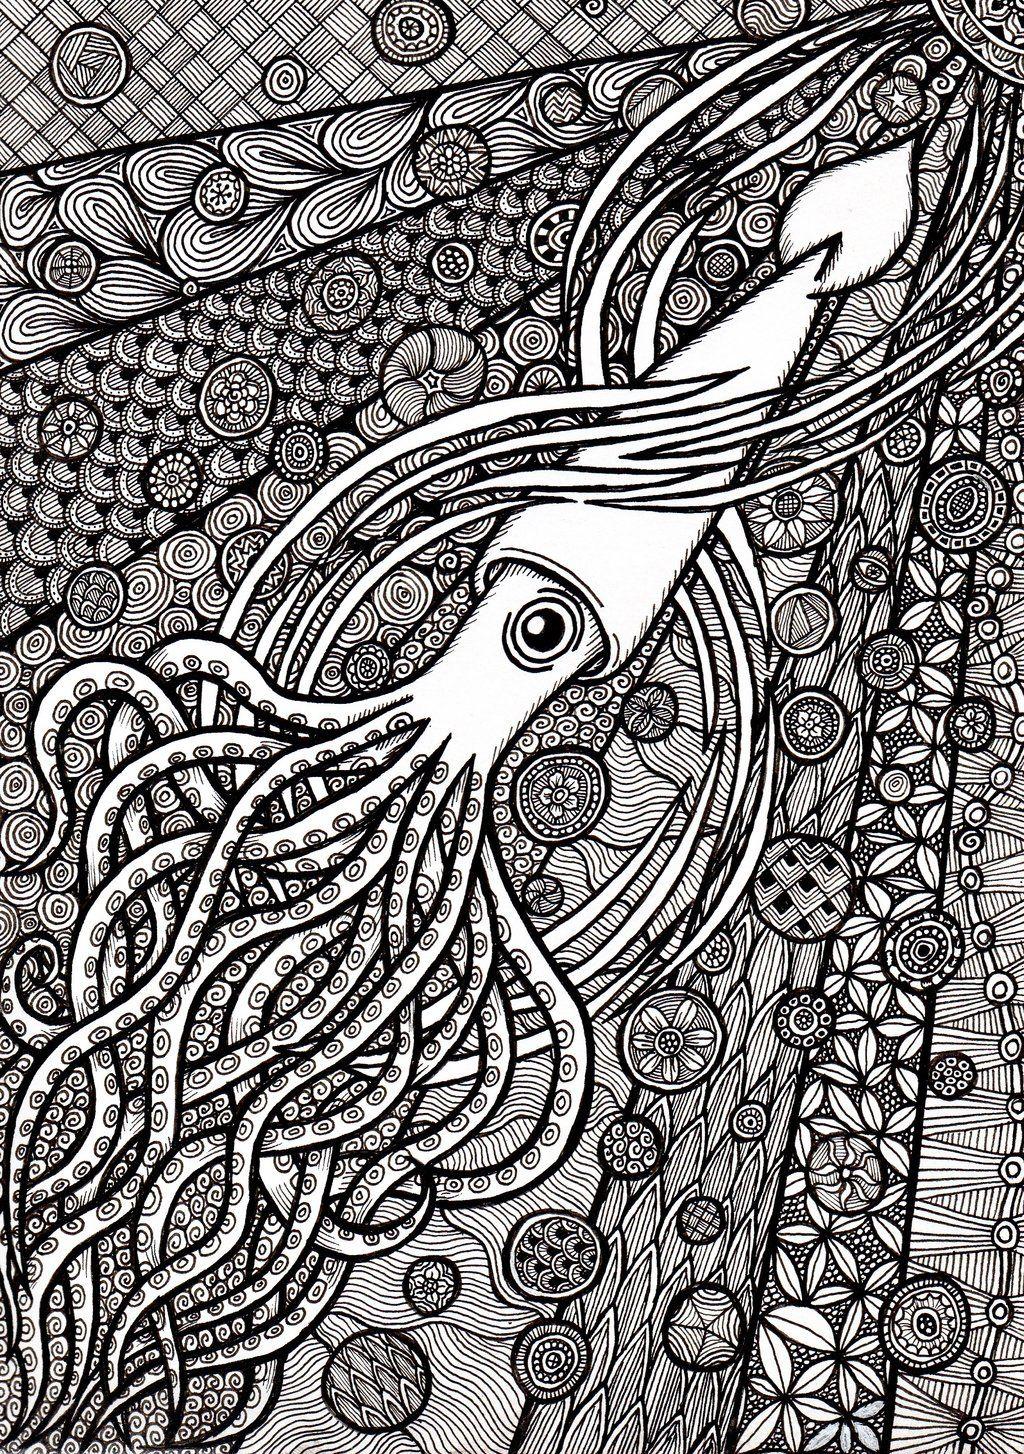 Zentangle Squid Por Ambercamiart Coloring Pages Sharpie Art Zen Colors [ 1454 x 1024 Pixel ]